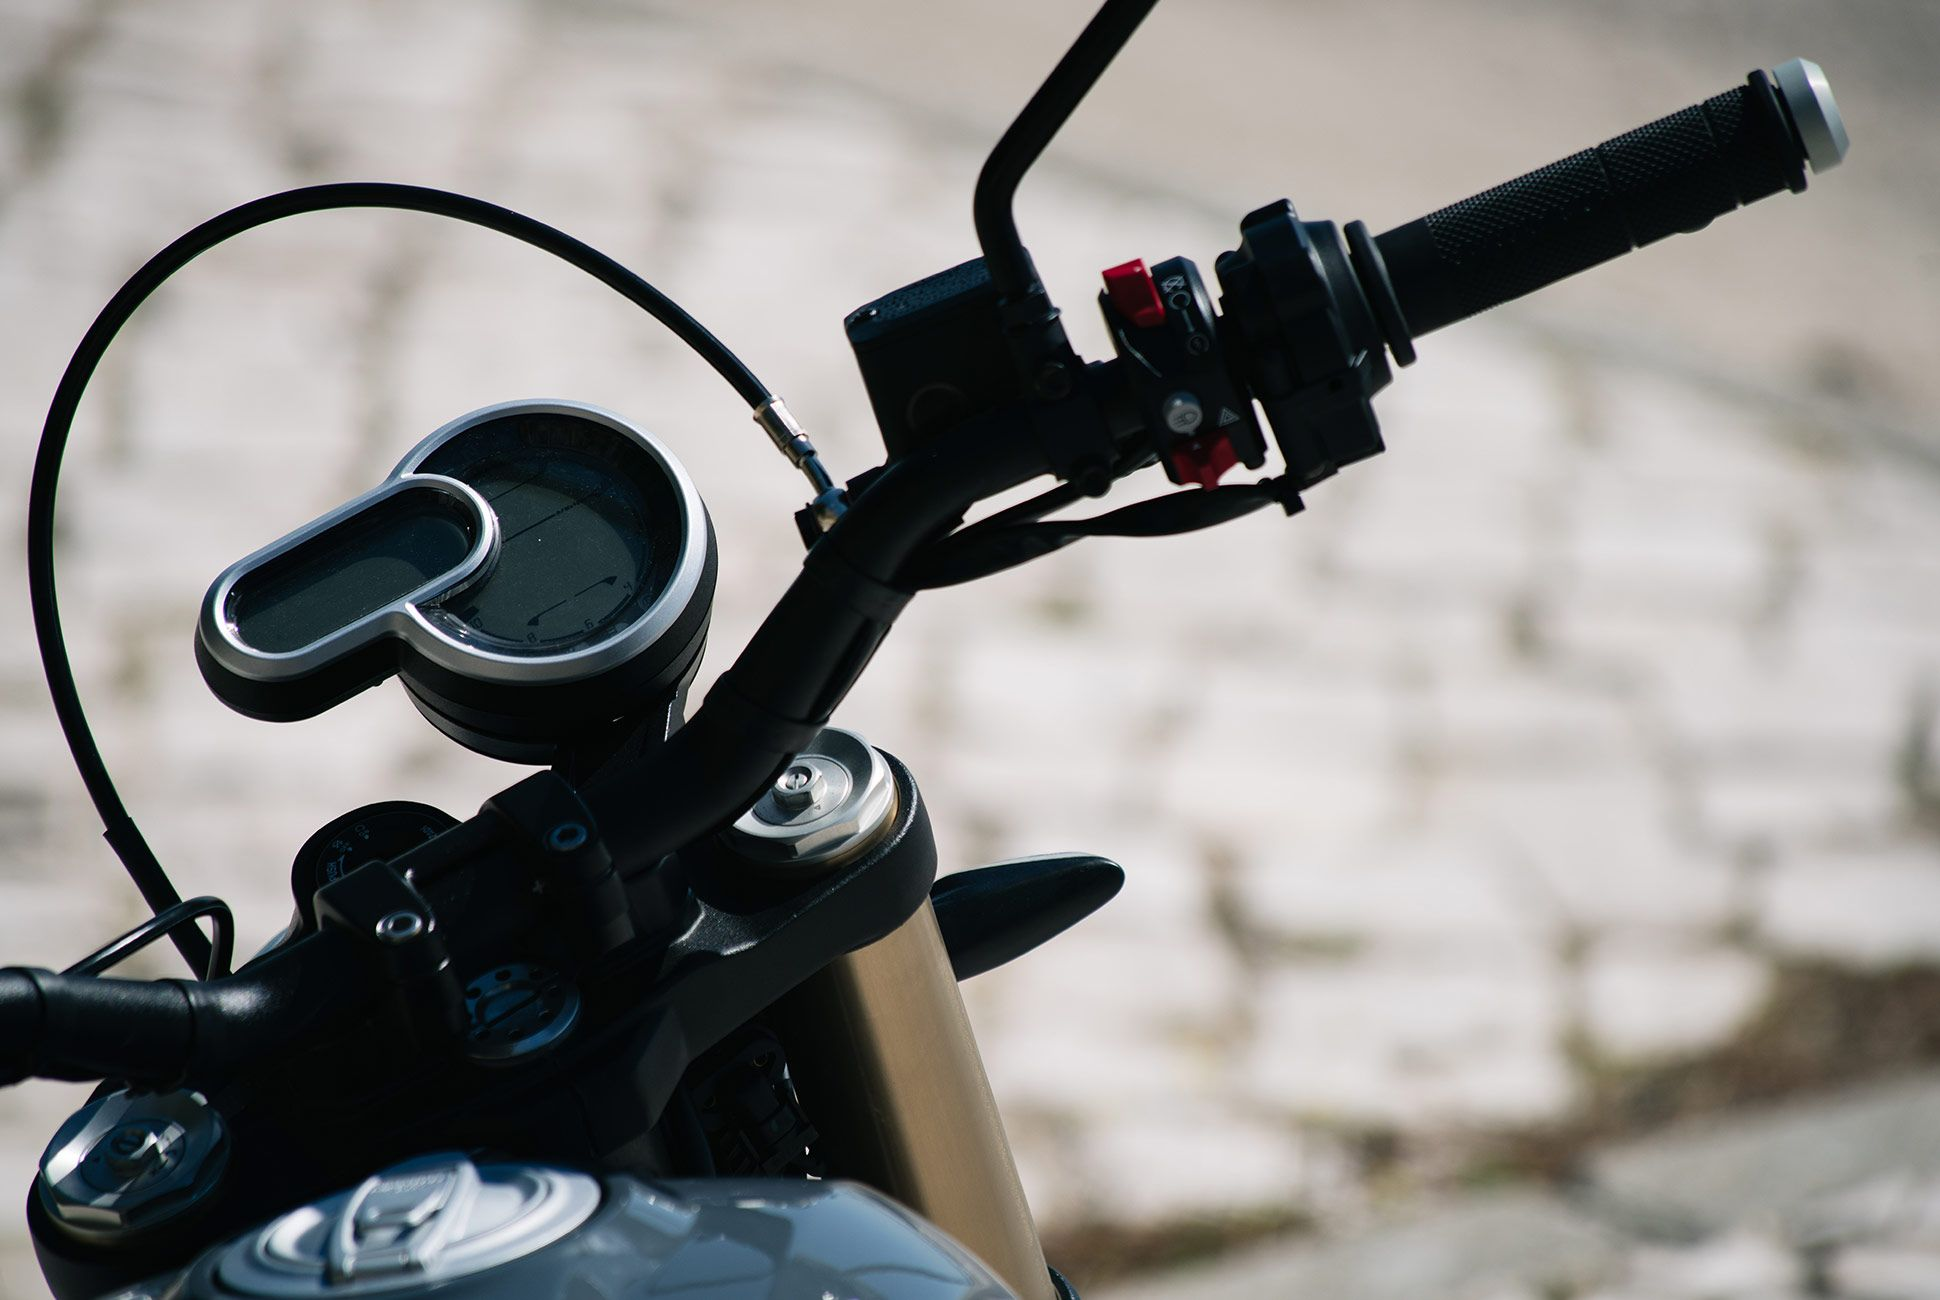 Ducati-Scrambler-1100-gear-patrol-slide-7